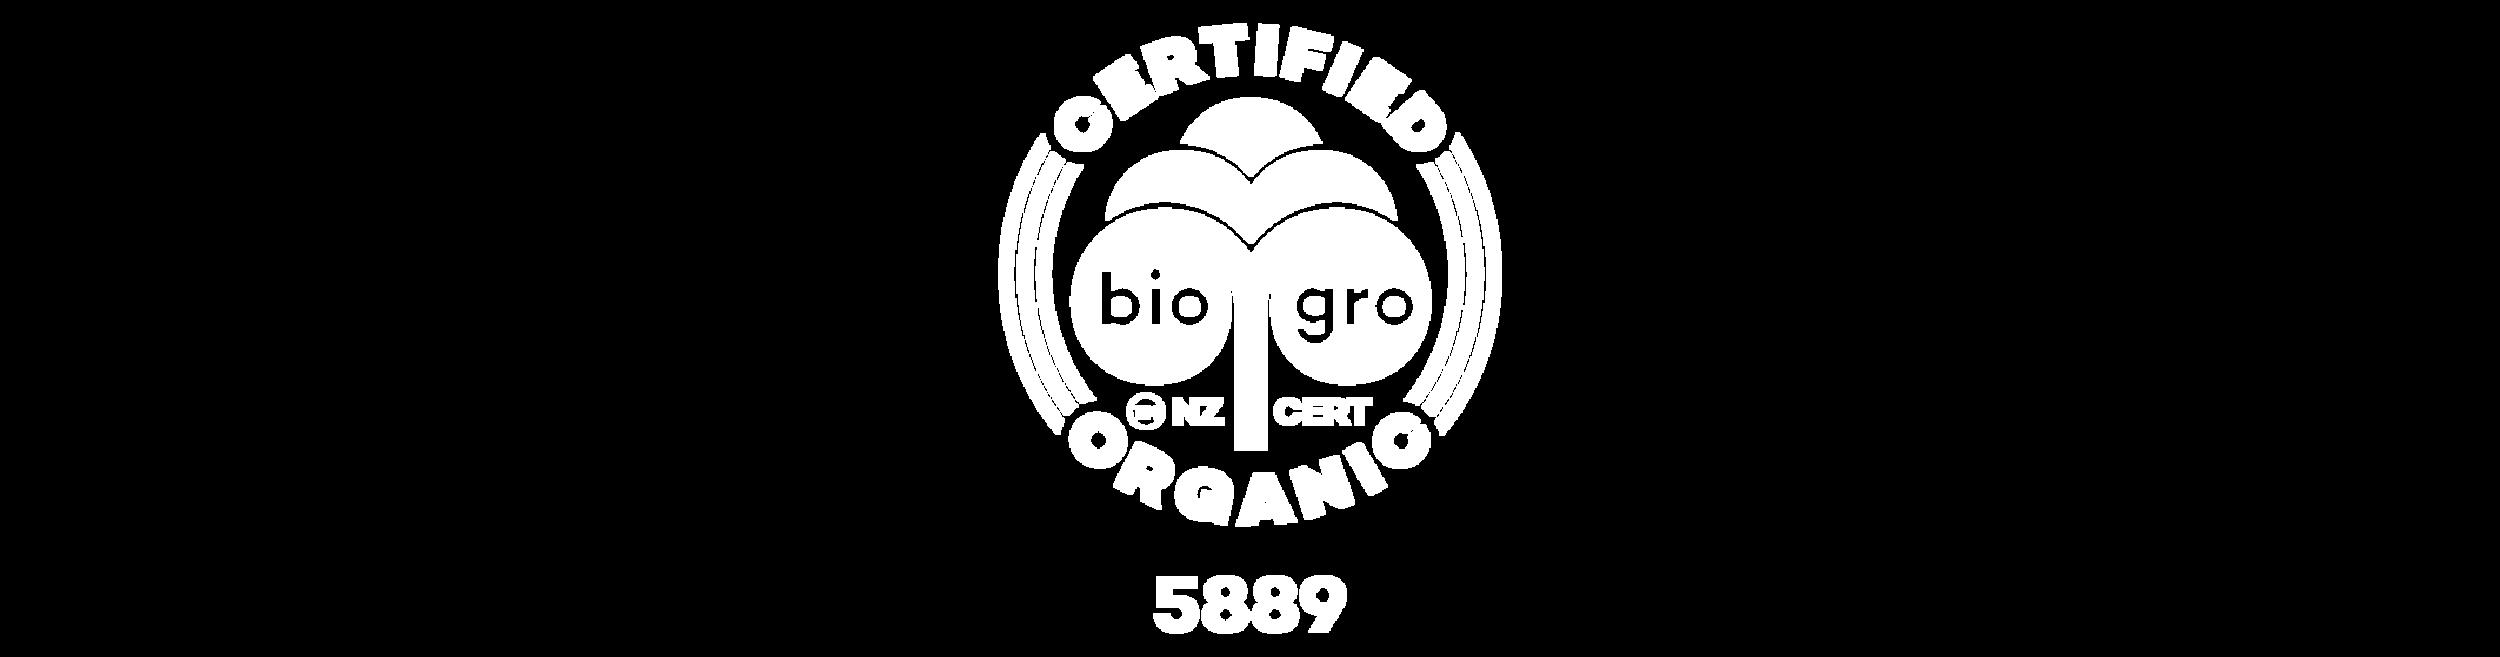 biogro Wide.png